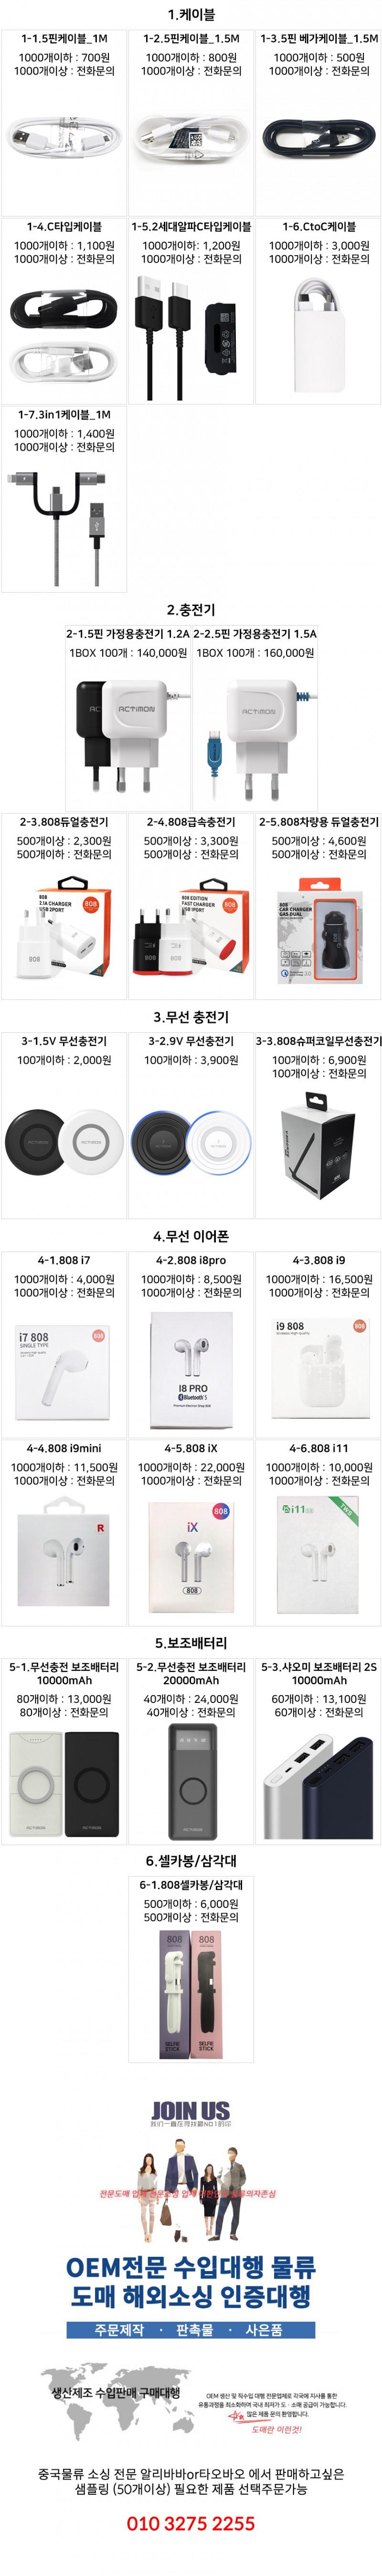 신제품출시 808 S9 블루투스 이어폰 도매 디자인특허